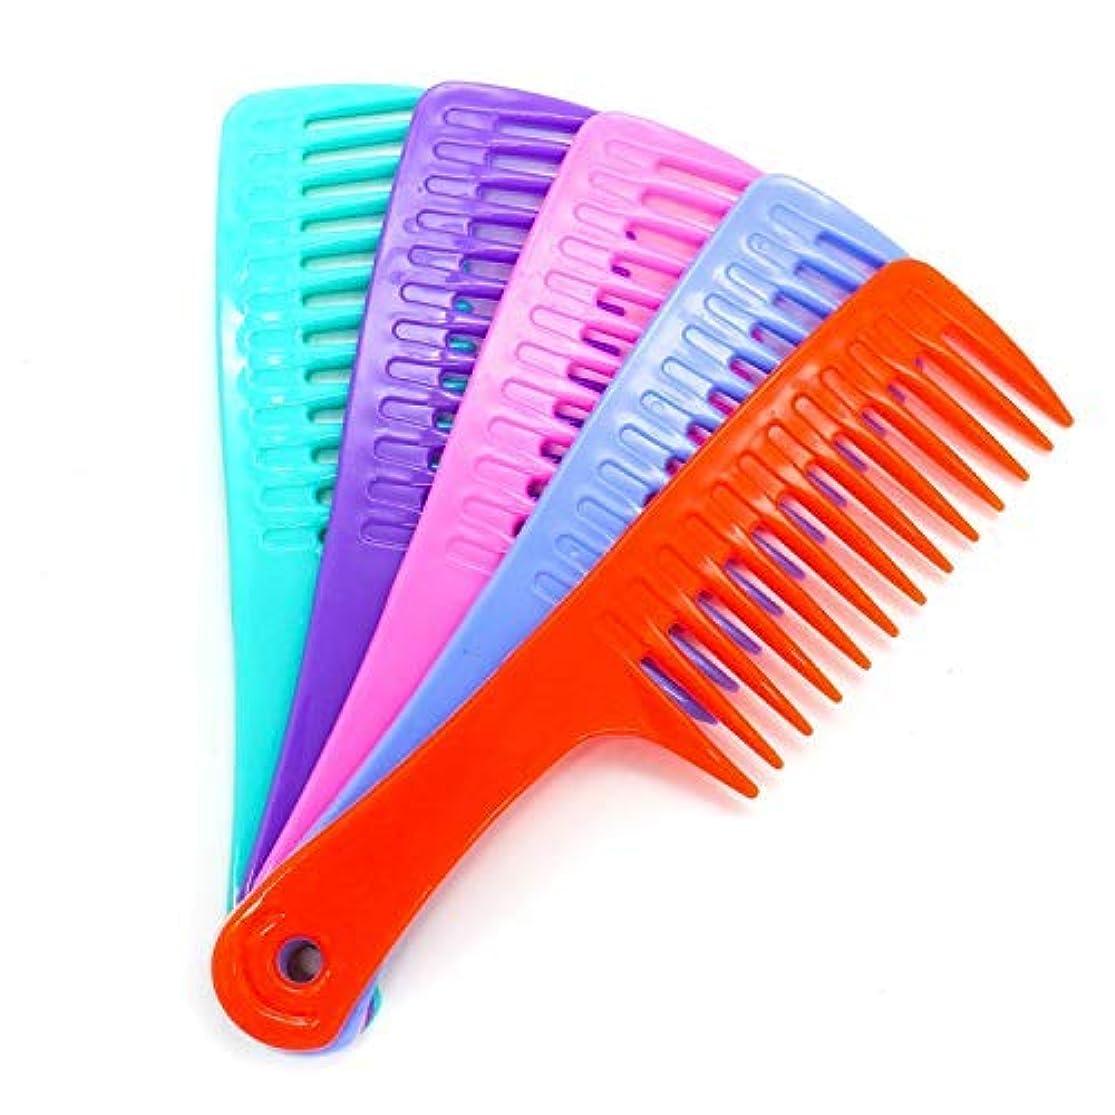 稼ぐ避ける表向きHUELE 5 Pack Colorful Wide Tooth Detangler Hair Brush Detangling Comb for Adults & Kids Handle Comb [並行輸入品]